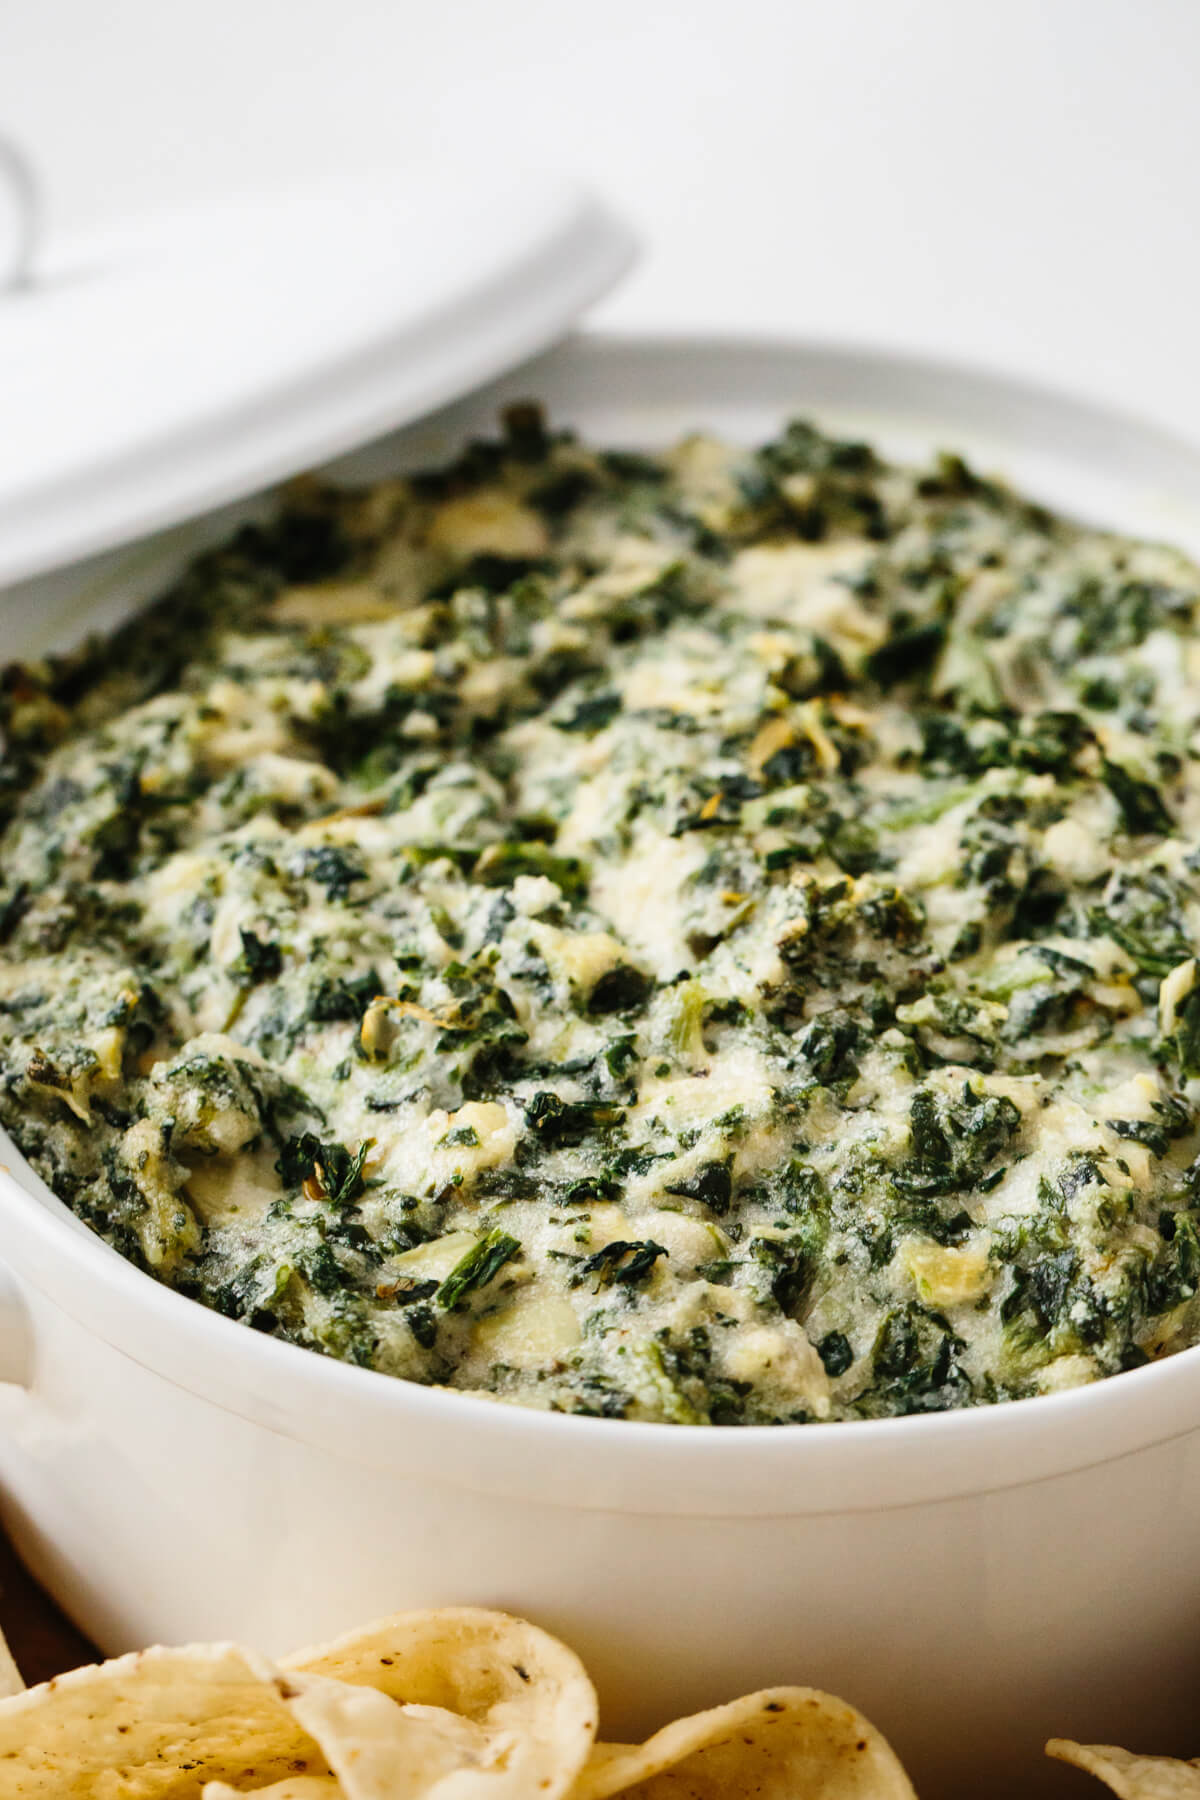 Spinach artichoke dip in a white casserole dish.